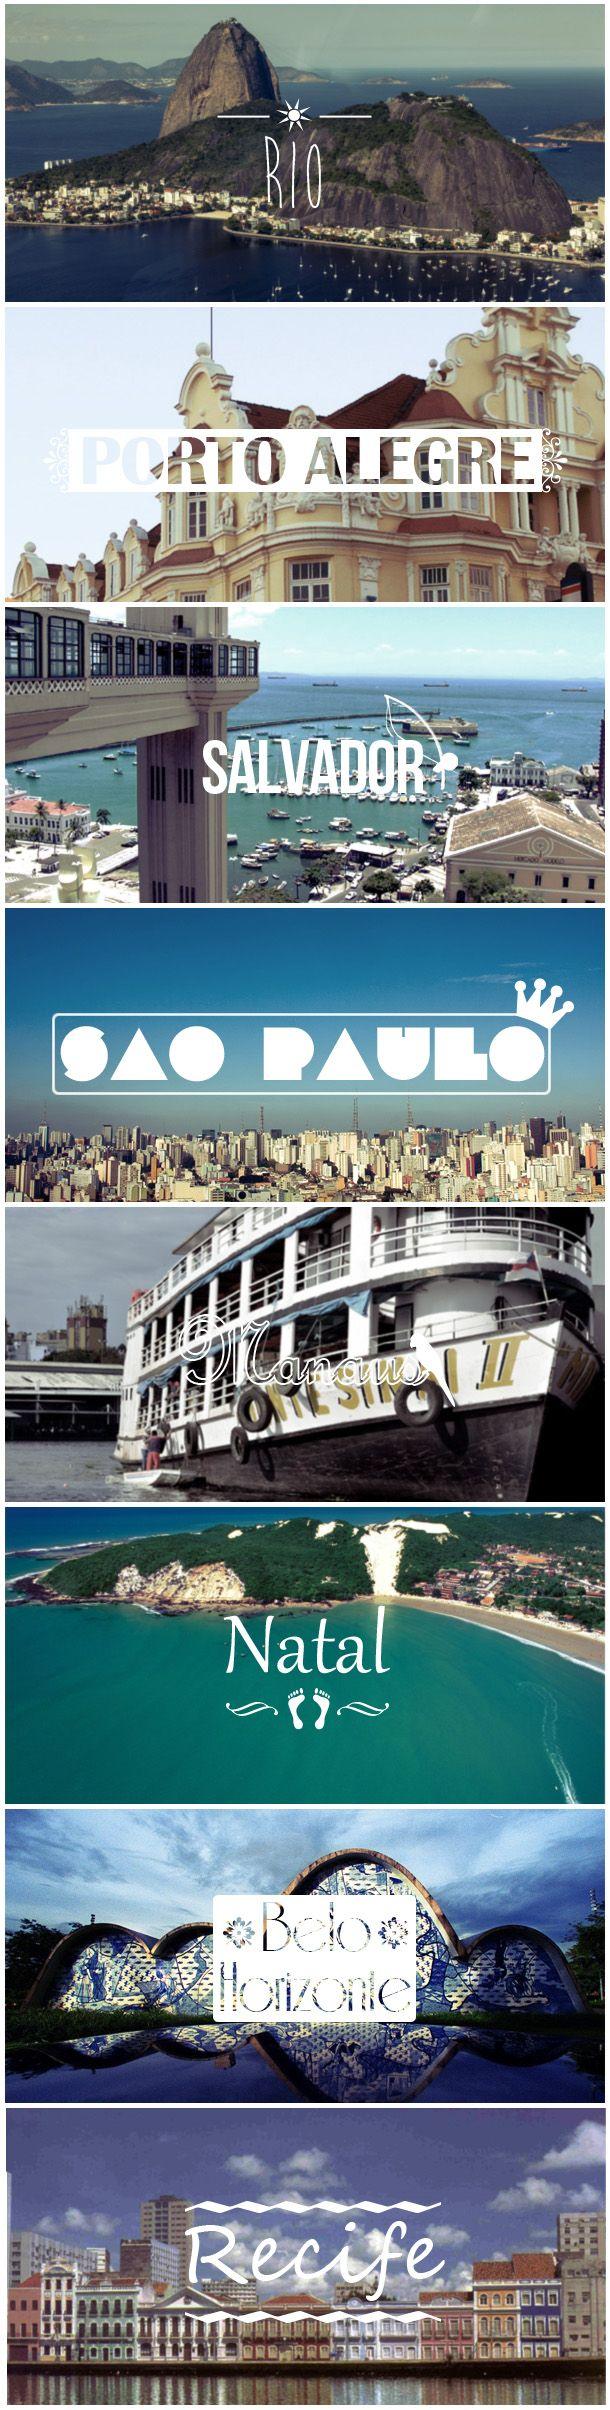 Quero conhecer <3 Brasil. Viajar é realizar sonhos, acreditar no surreal.